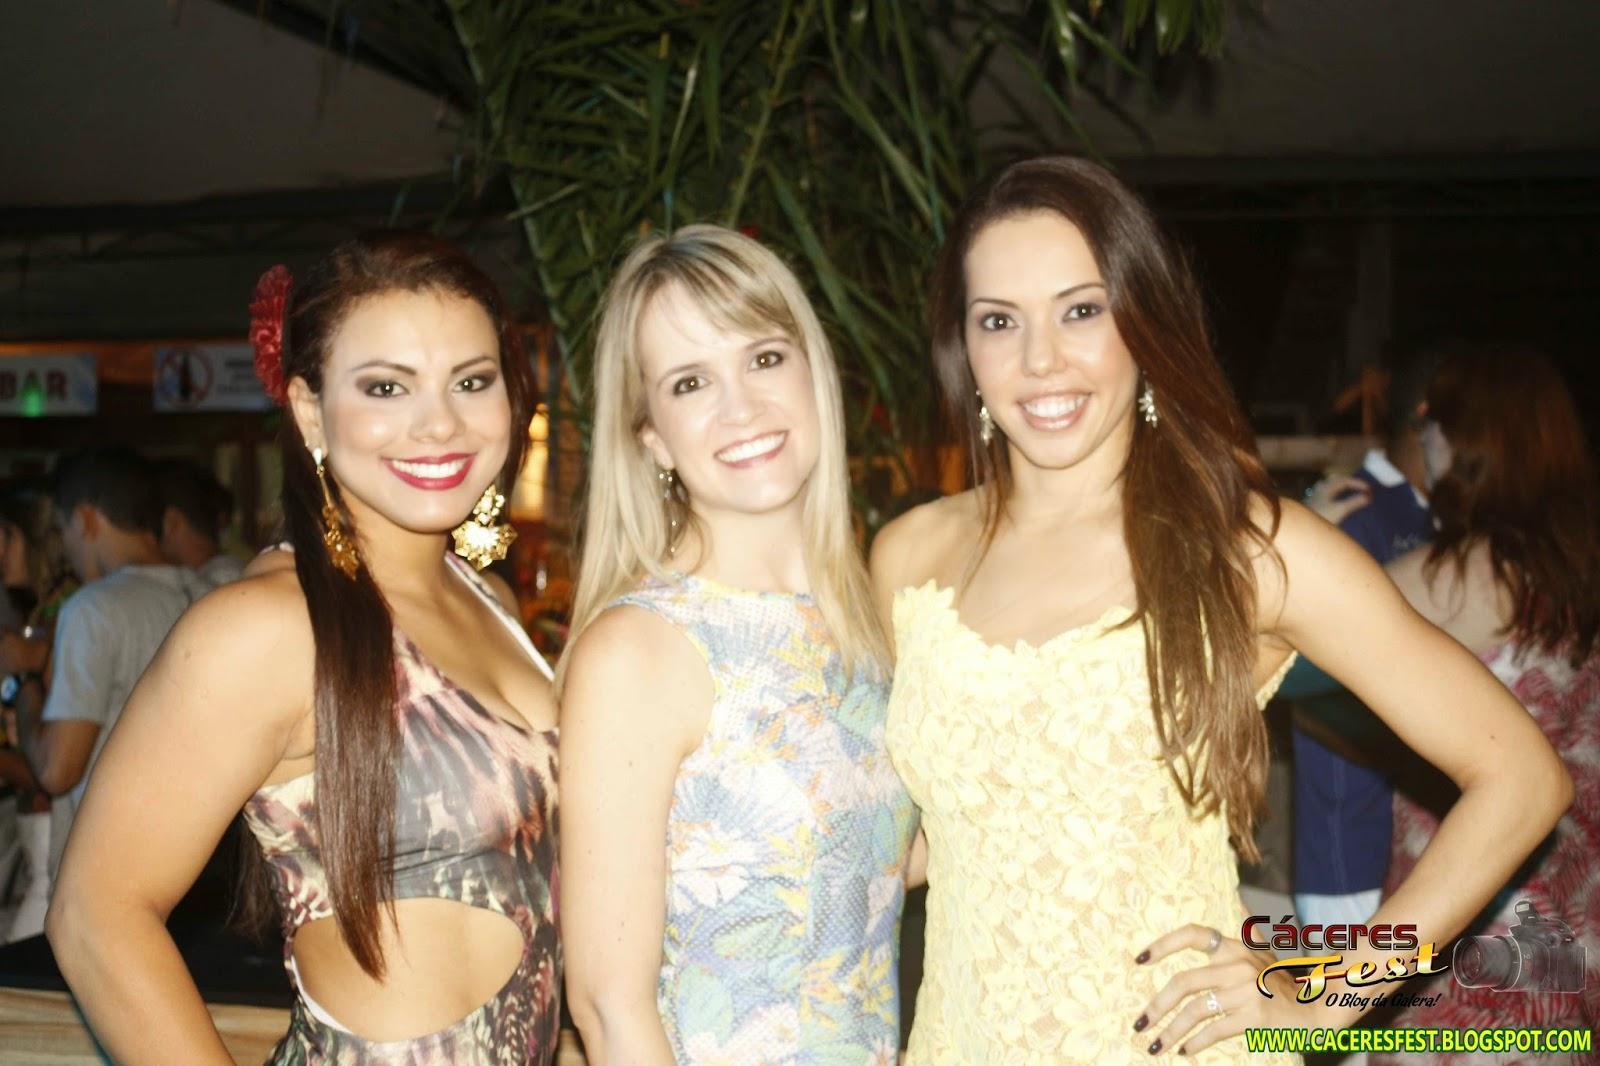 http://caceresfest.blogspot.com.br/2014/12/baile-do-hawaii-iate-clube_21.html